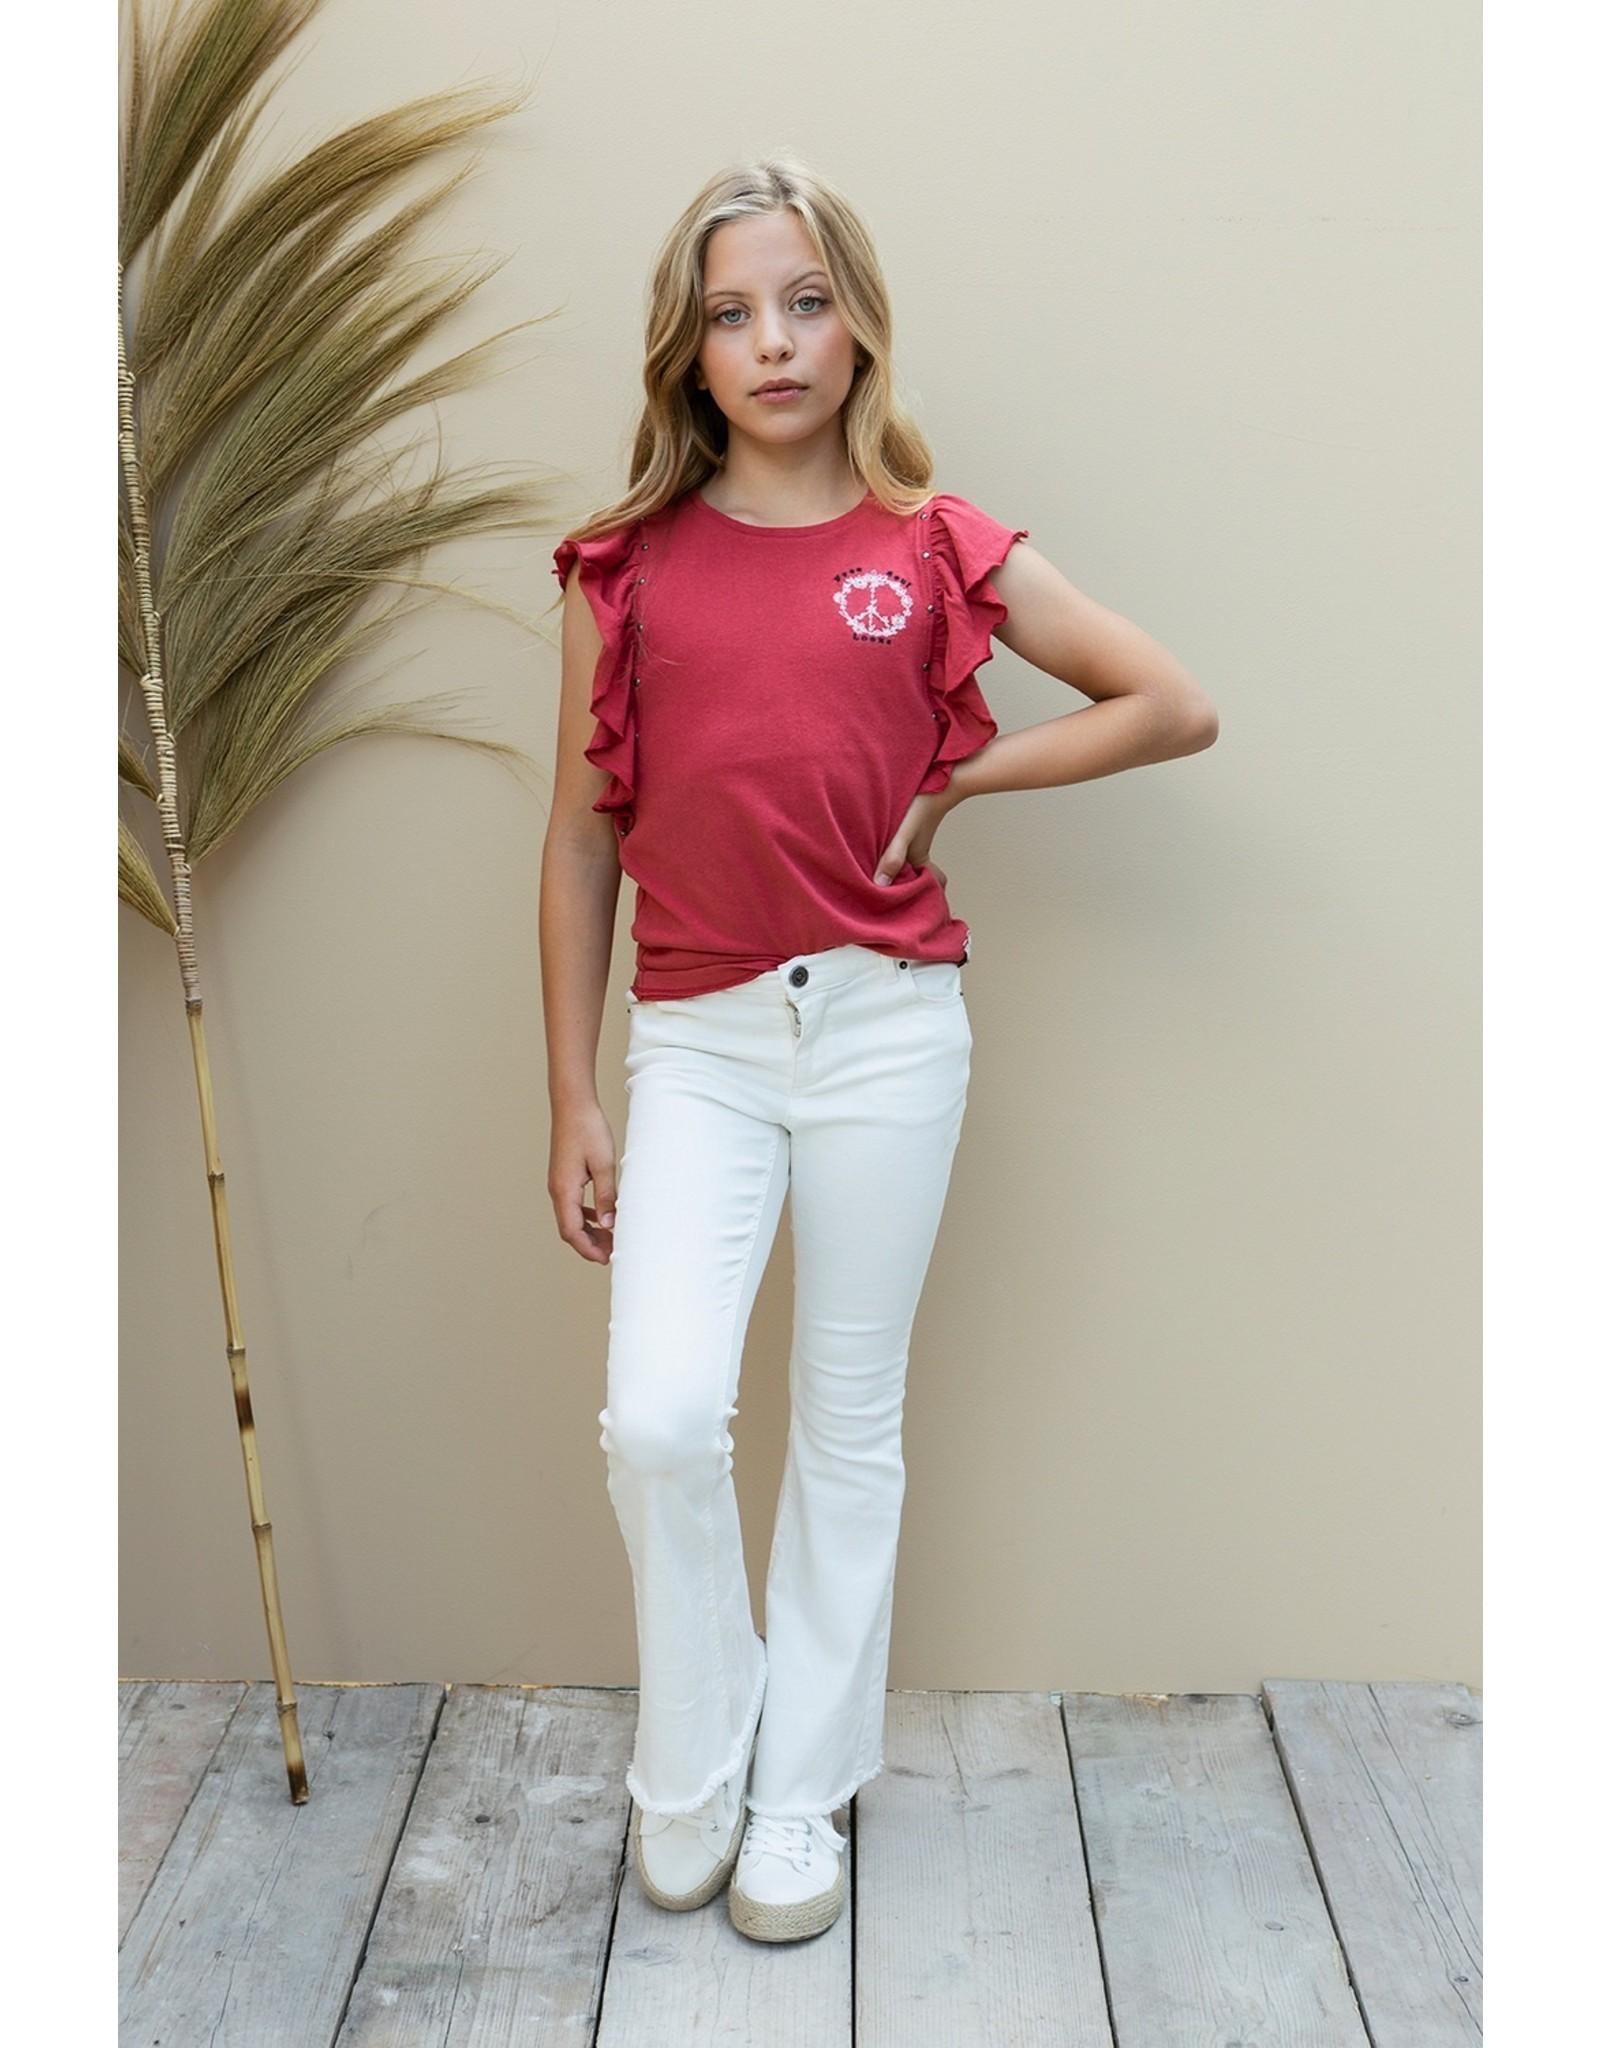 Looxs 10SIXTEEN 10Sixteen fancy T-shirt blush